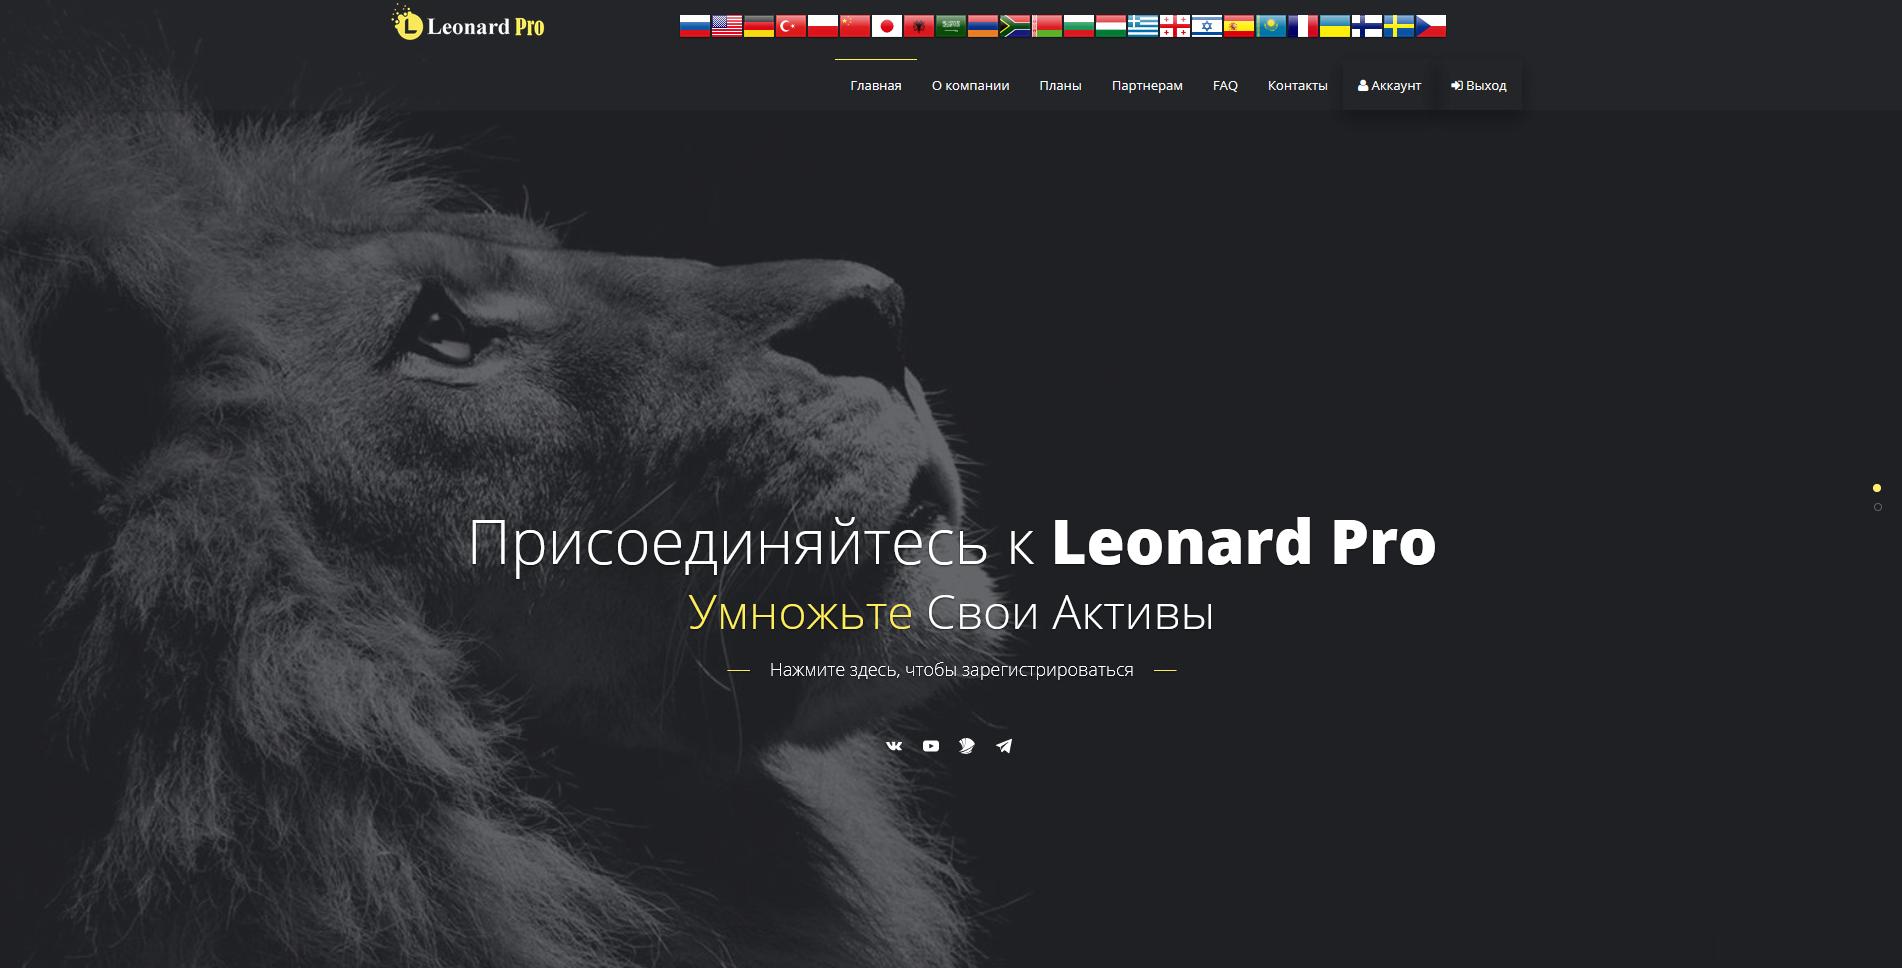 Leonard - leonard.pro